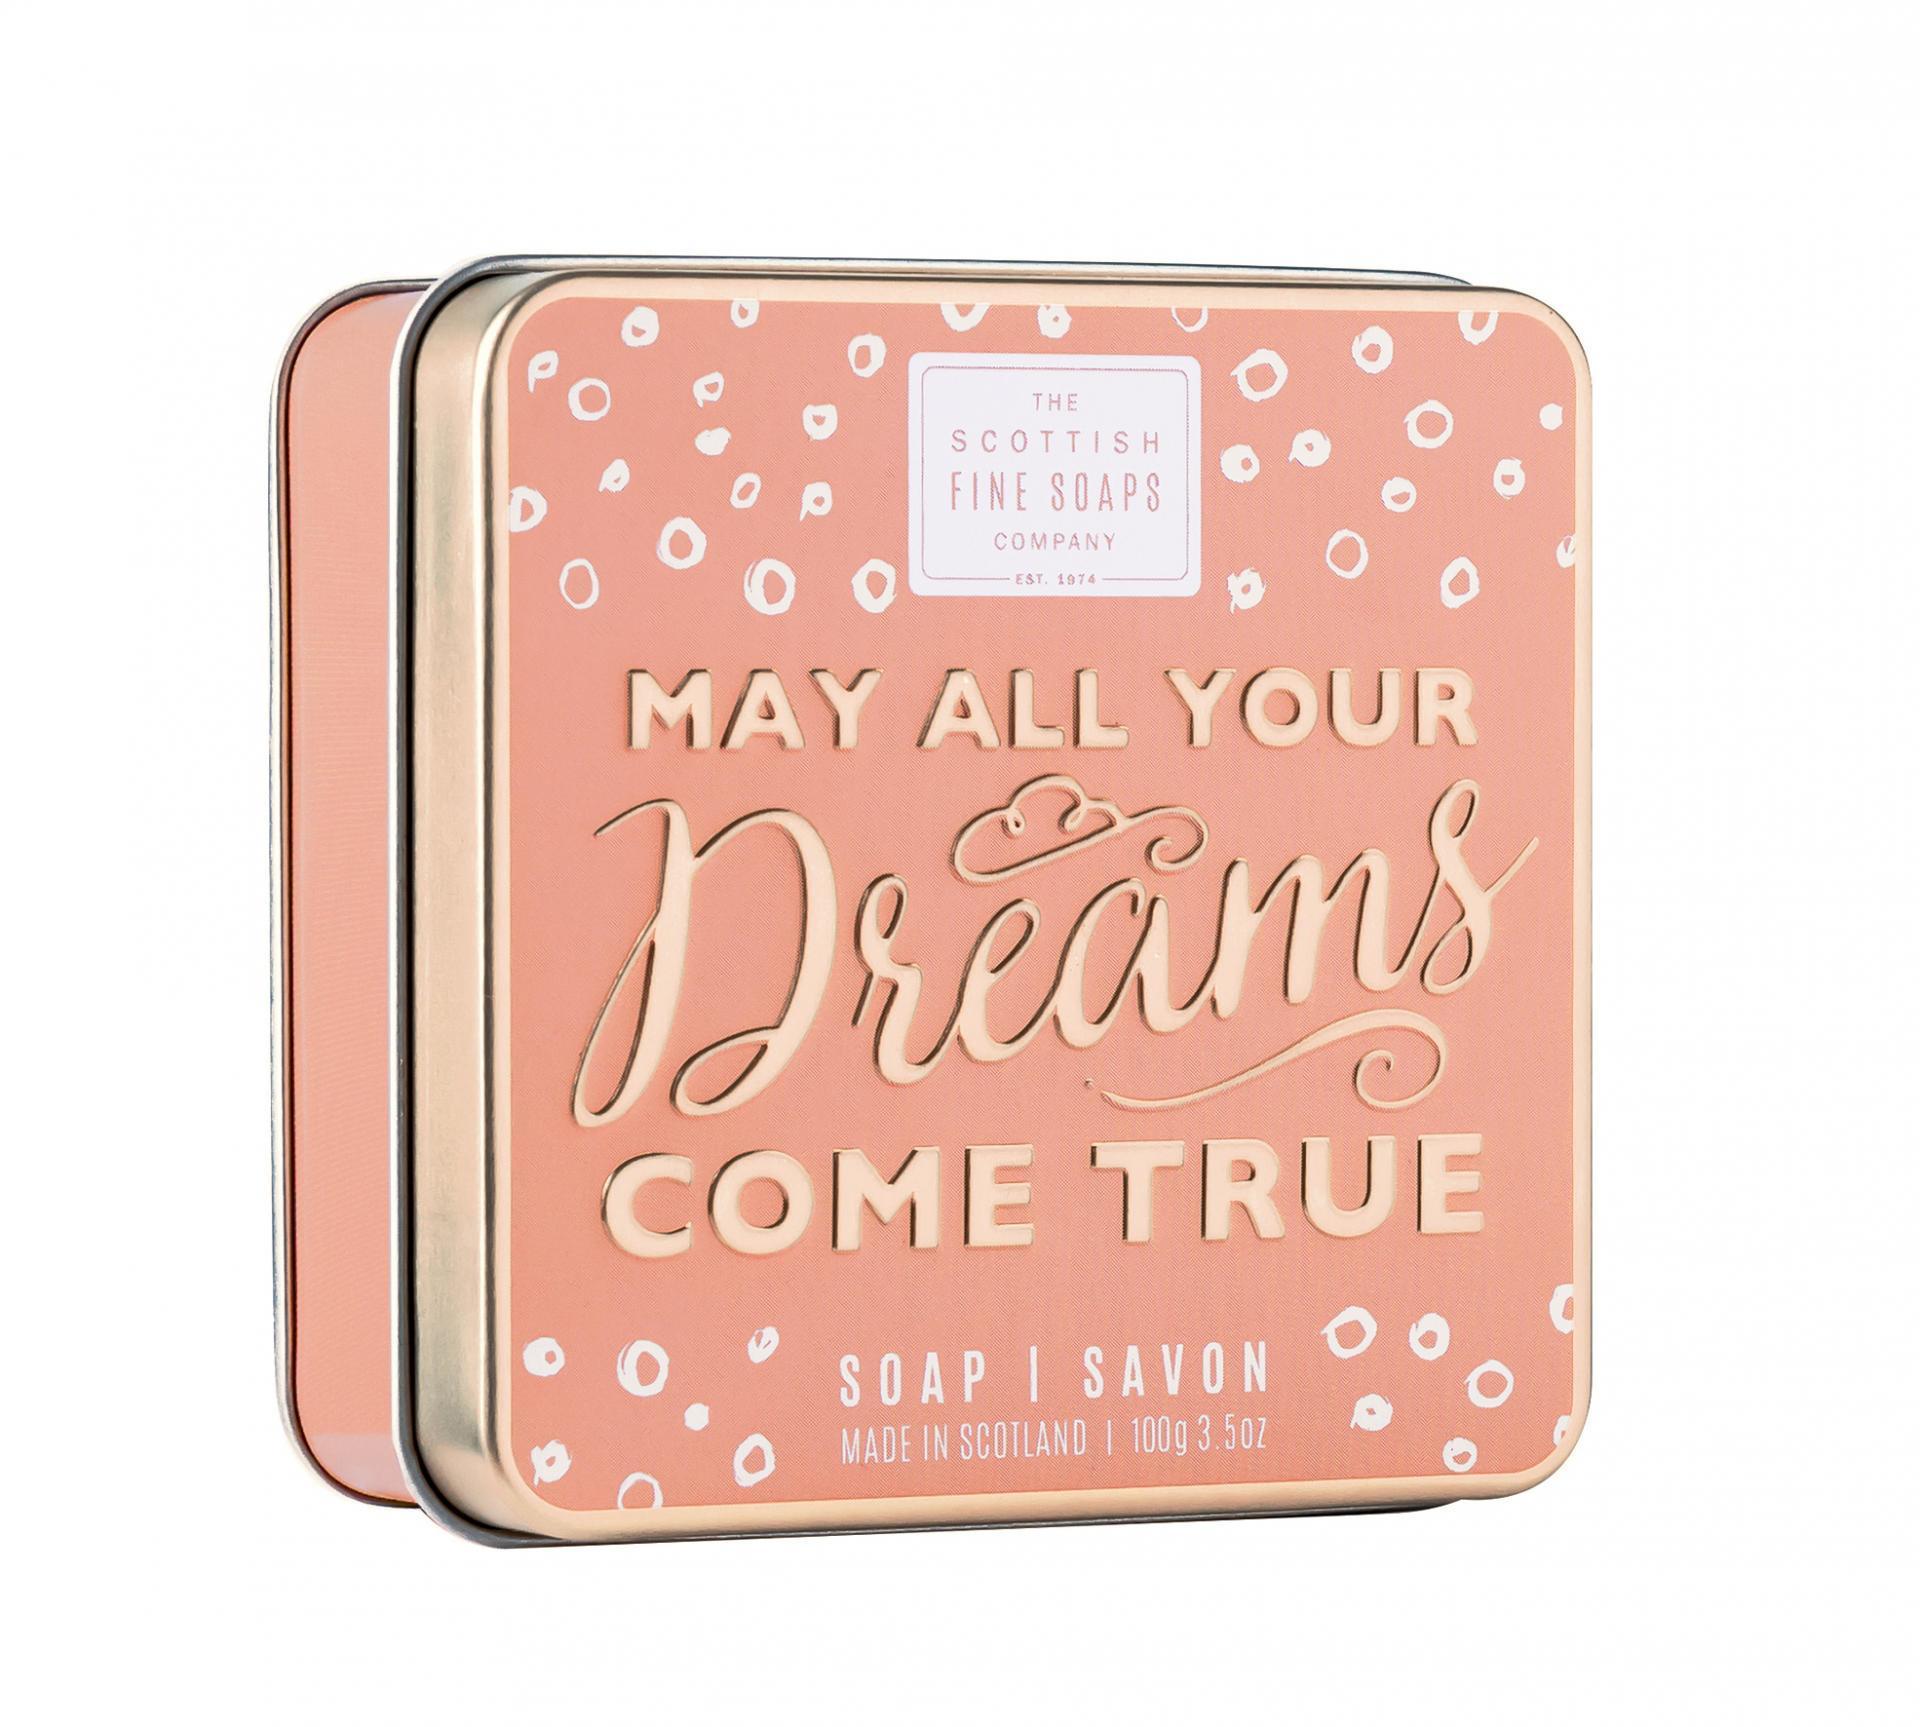 SCOTTISH FINE SOAPS Mýdlo v plechové krabičce Dreams come true, zlatá barva, kov